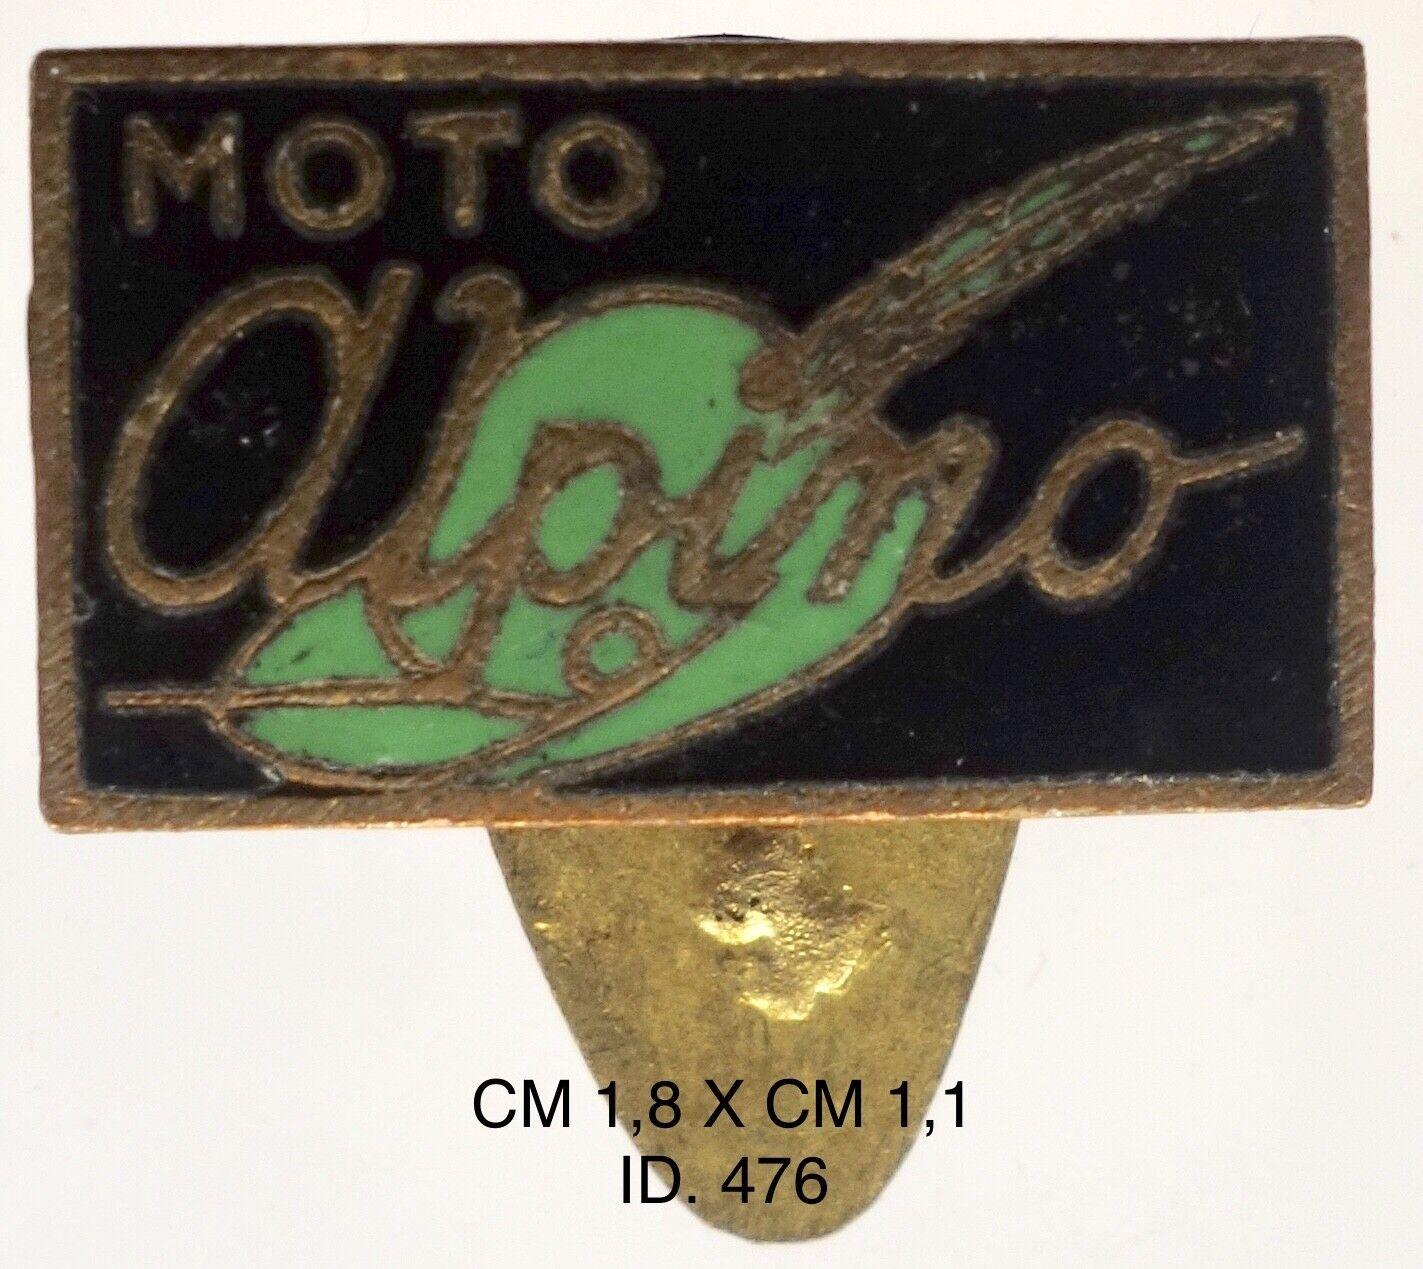 """Moto Alpino Alpino Alpino Stradella distintivo pubblicitario ditta motocicli 1944 """"476"""" 97f1fa"""